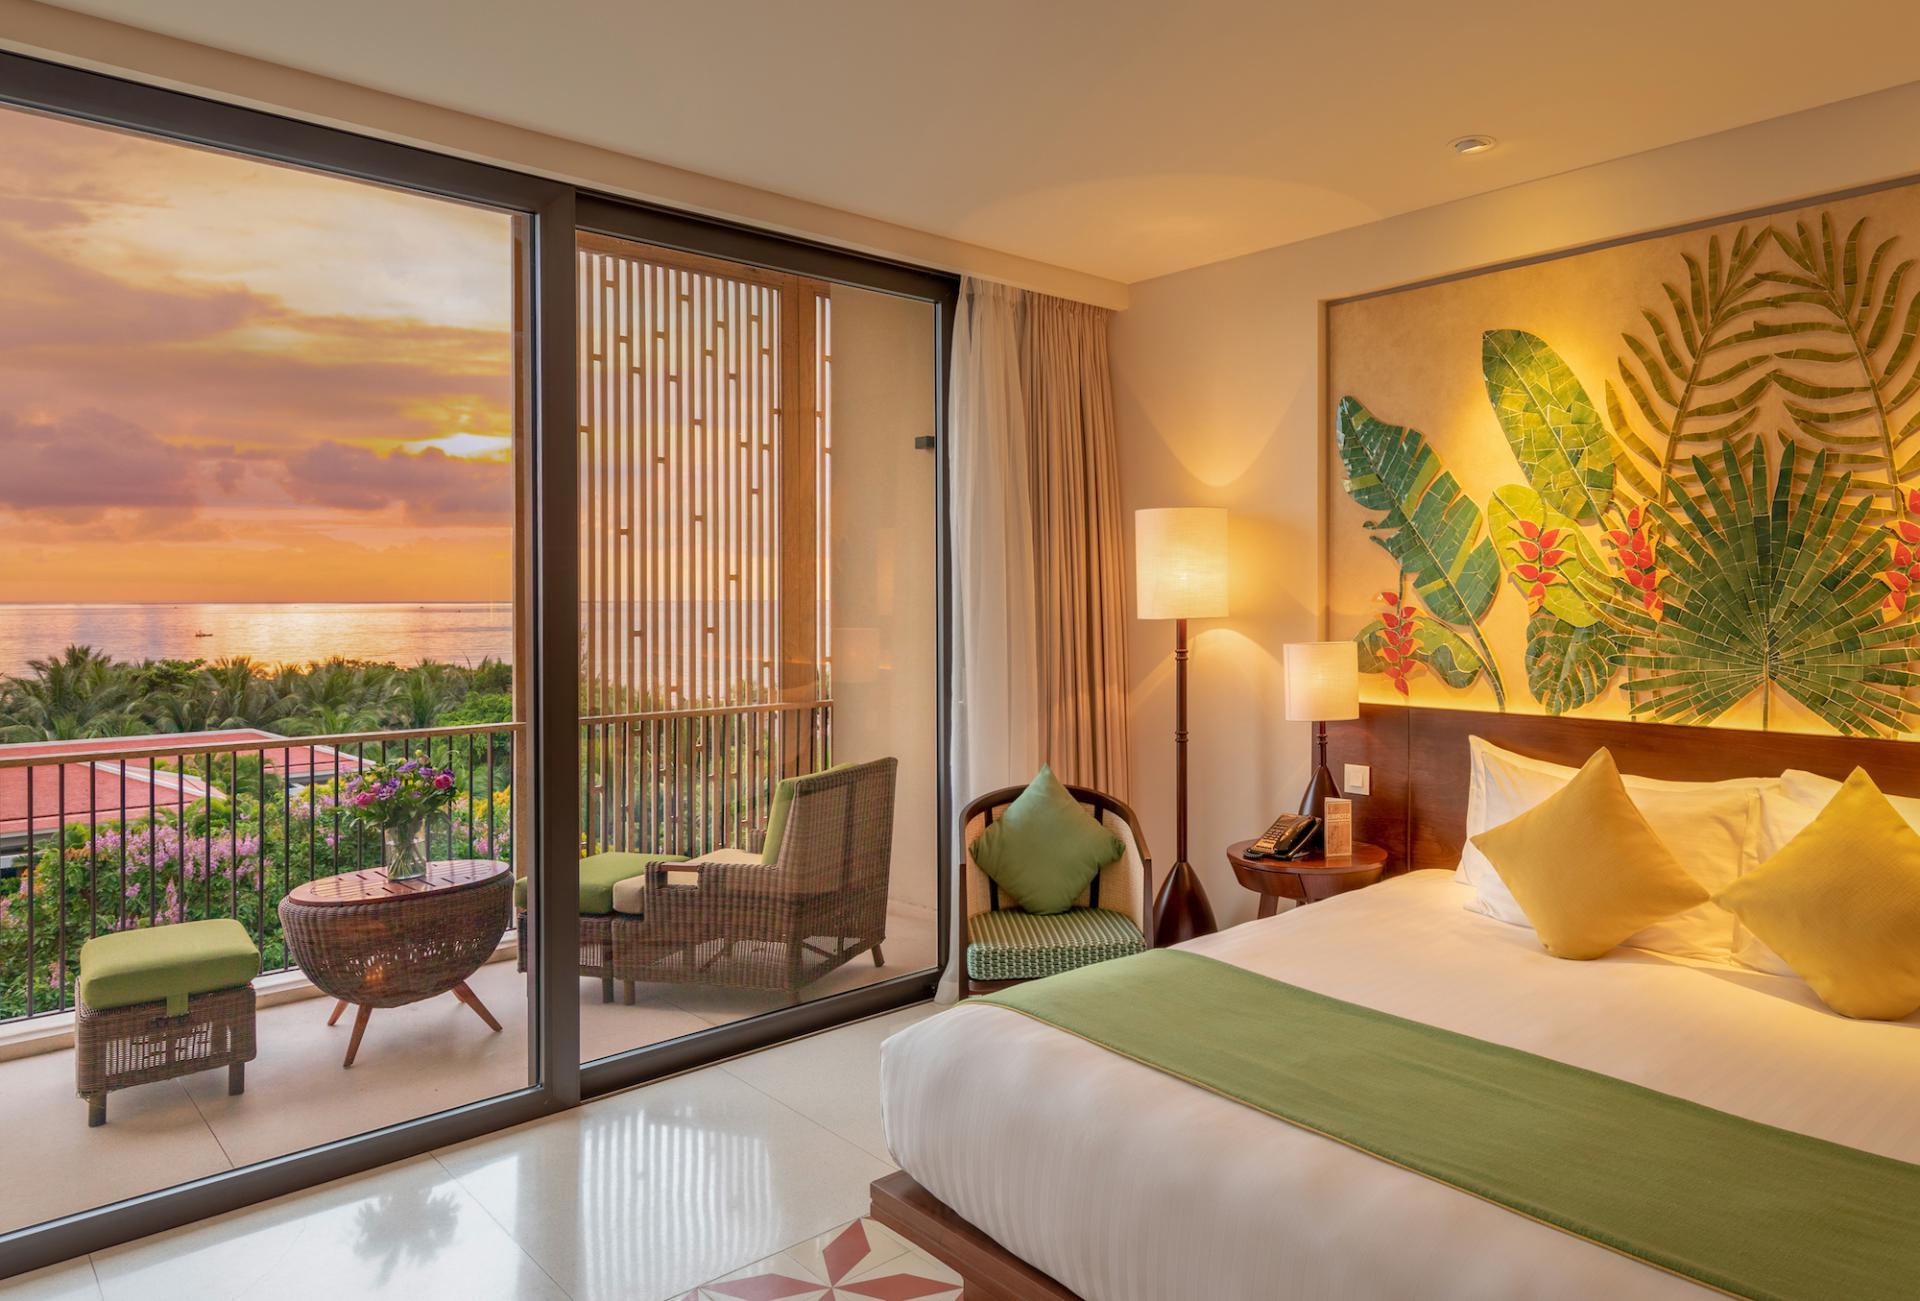 Đa số các du khách thường chấp nhận ngay cái giá của khách sạn đề ra